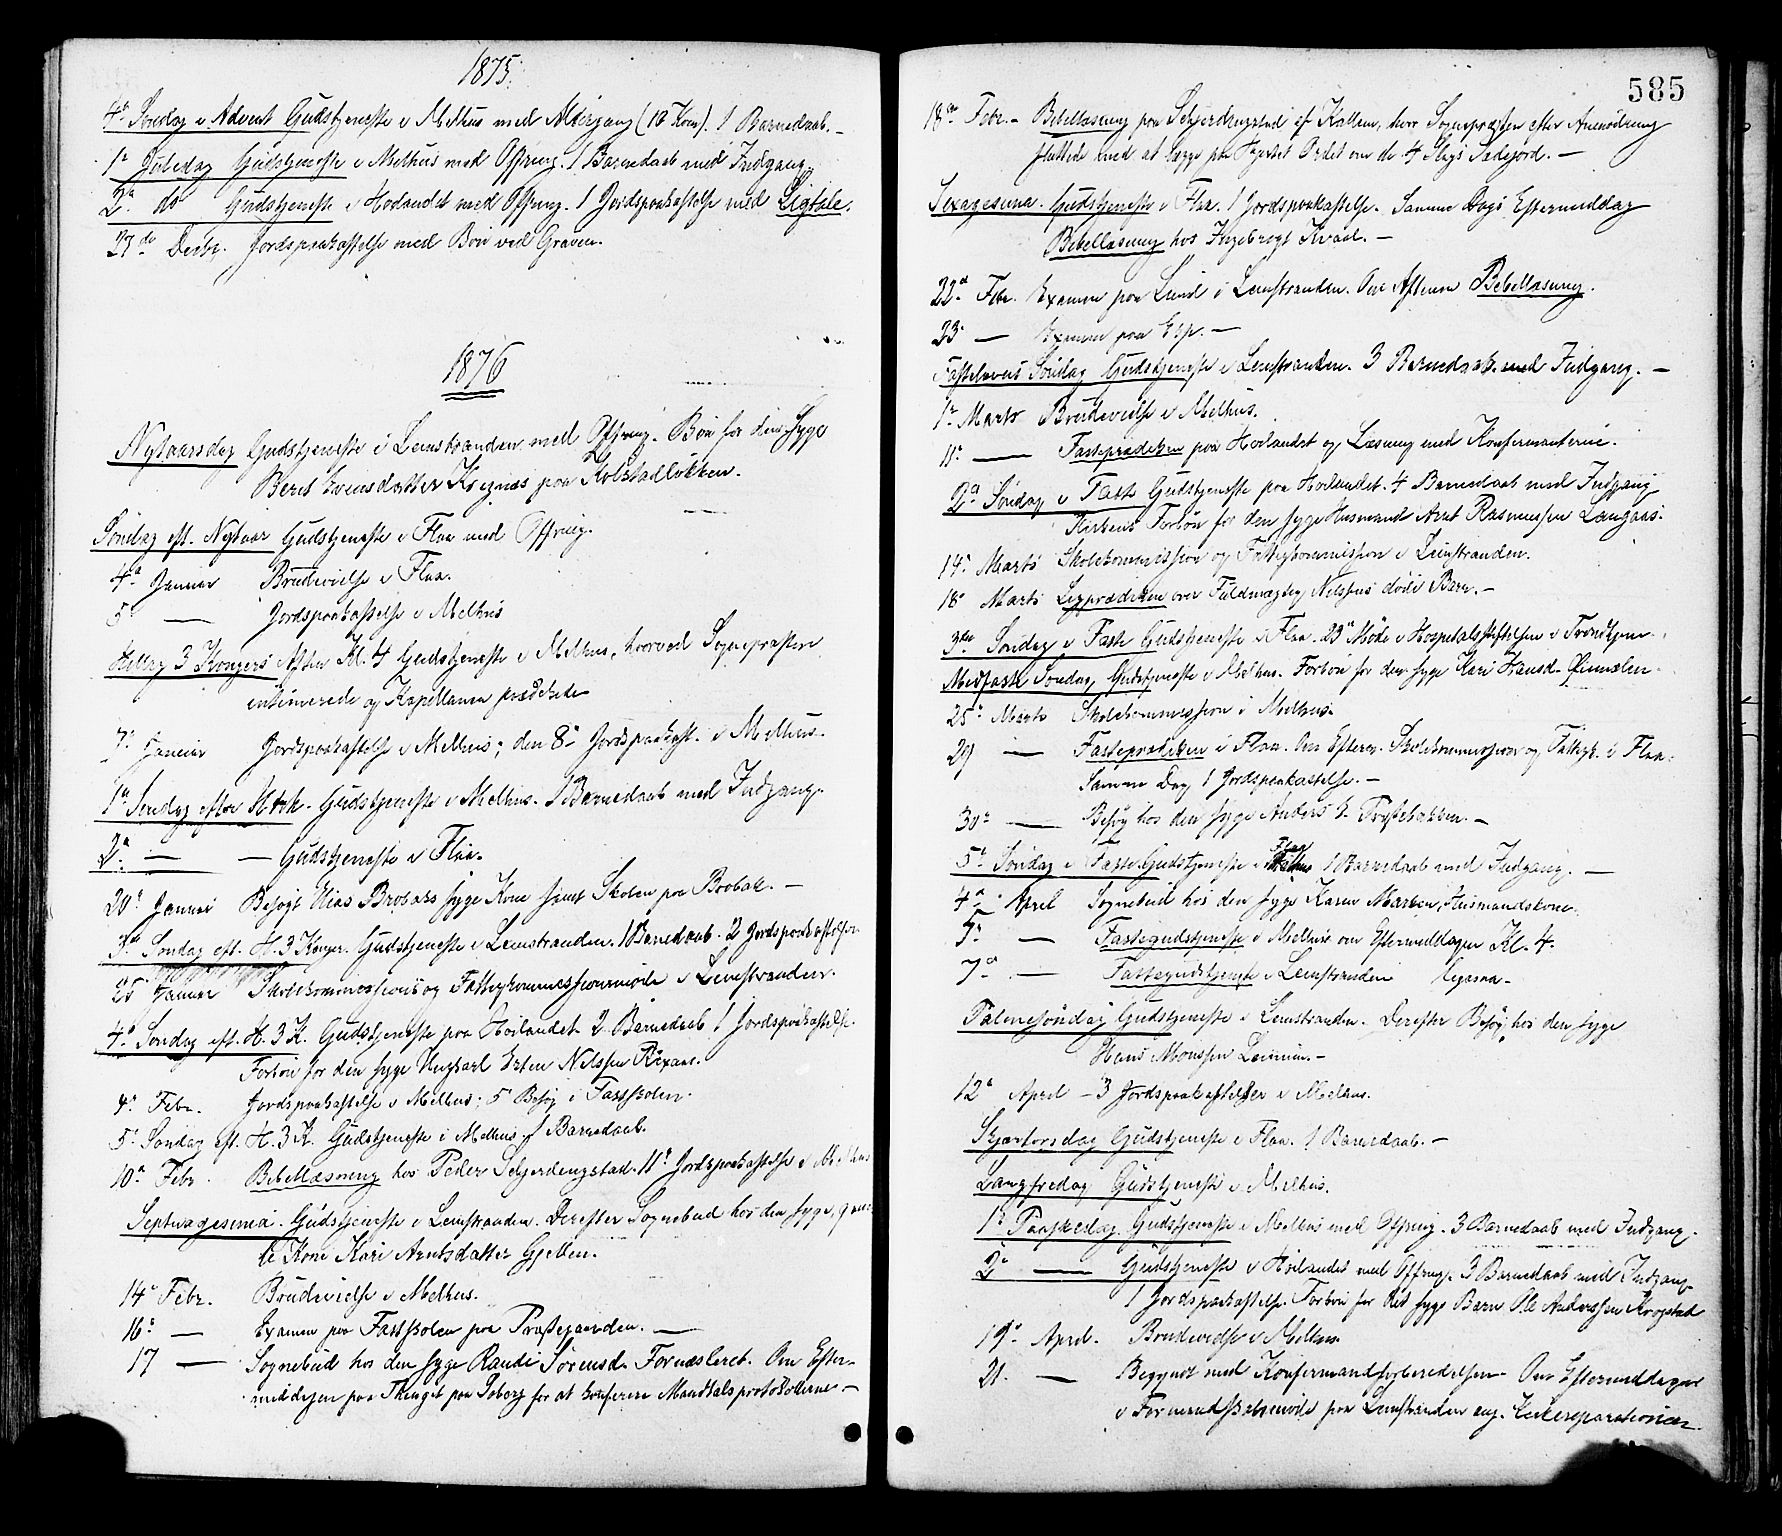 SAT, Ministerialprotokoller, klokkerbøker og fødselsregistre - Sør-Trøndelag, 691/L1079: Ministerialbok nr. 691A11, 1873-1886, s. 585